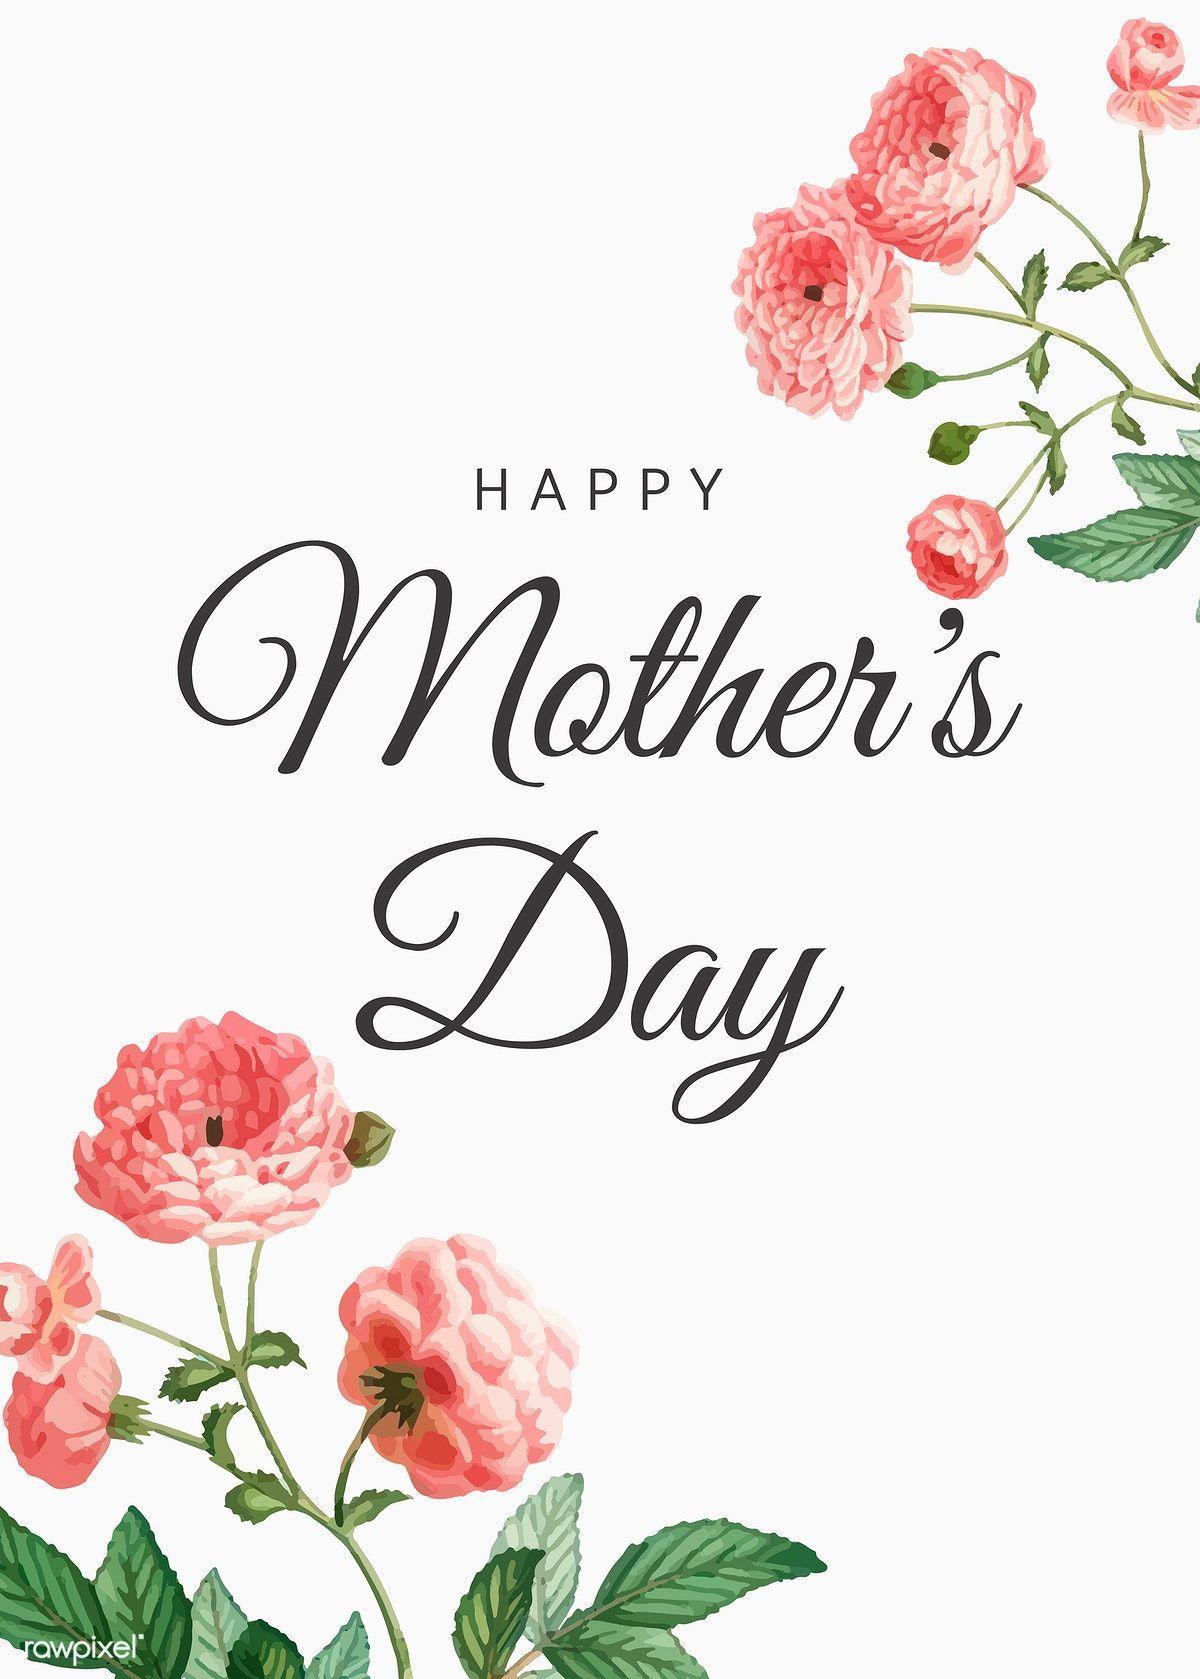 Download Premium Vector Of Happy Mother S Day Card Vector 845983 Happy Mothers Day Images Happy Mothers Day Happy Mother S Day Card